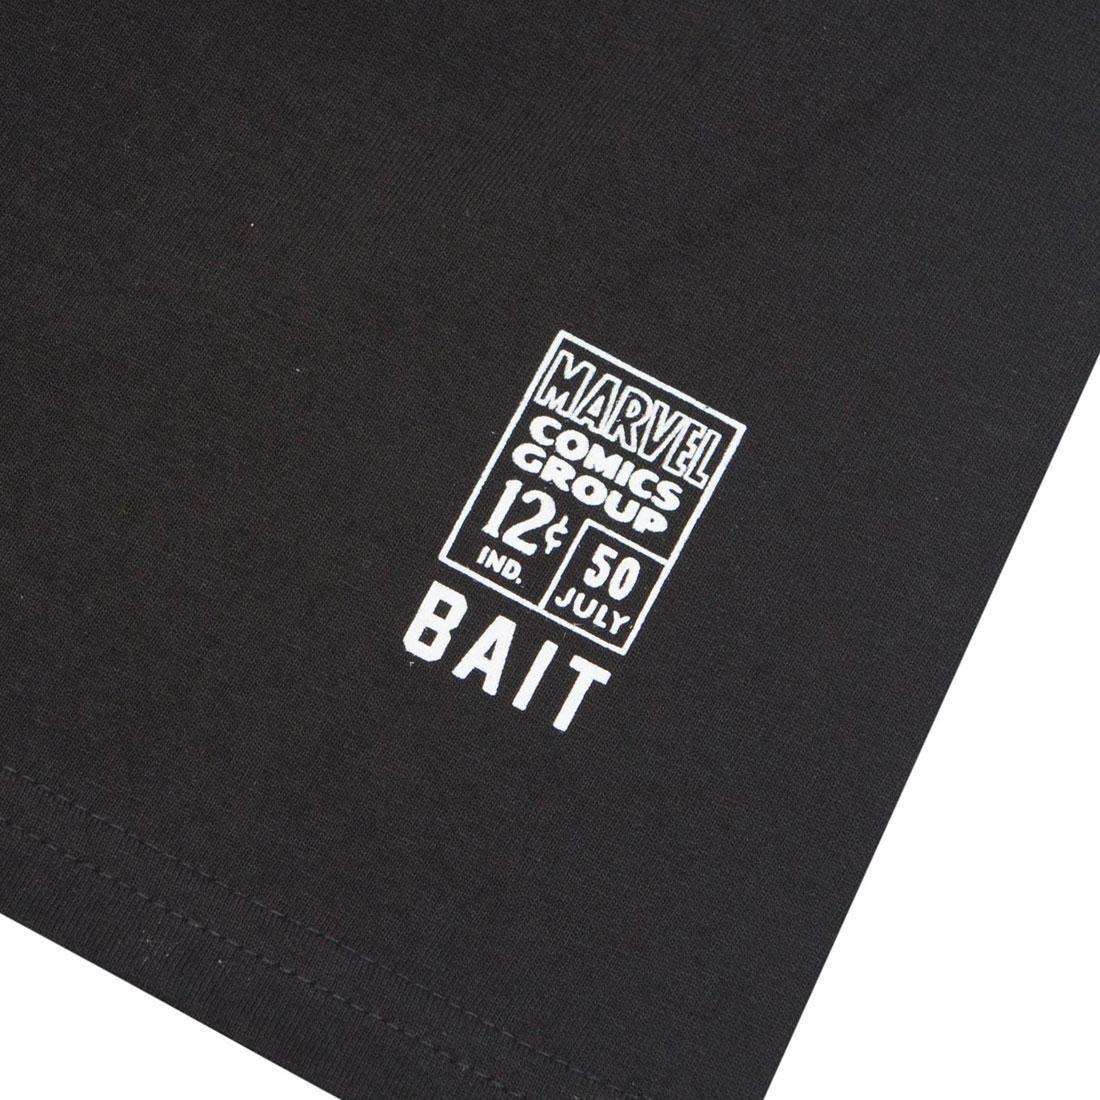 BAIT MARVEL COMICS AMAZING SPIDERMAN TEE - 197-MRV-TEE-004